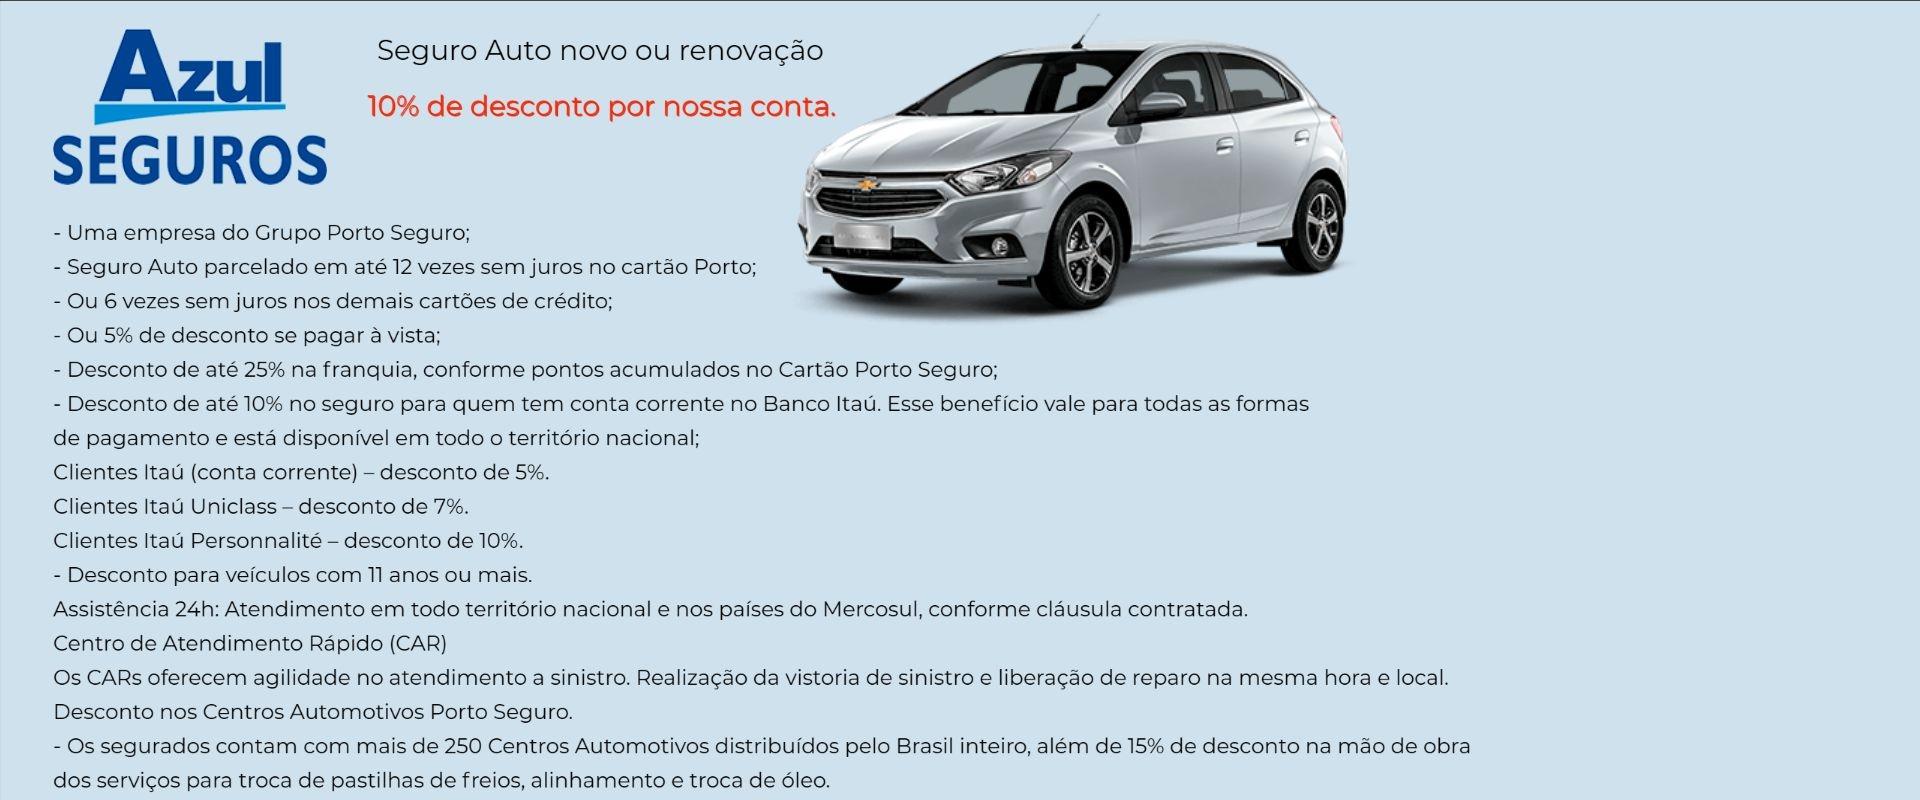 Azul Seguro Auto com Desconto em Santa Cruz do Rio do Pardo